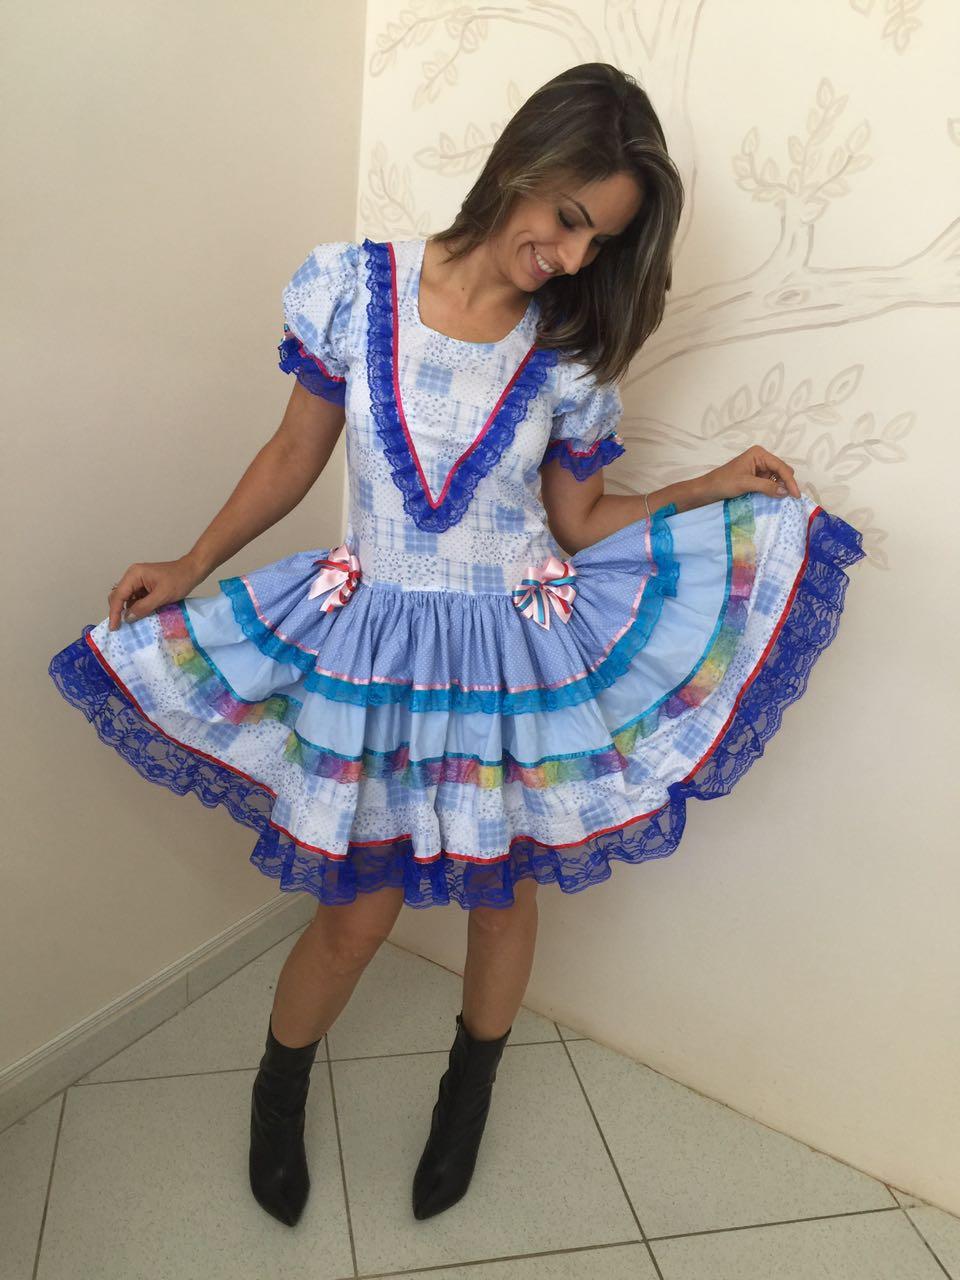 Vestido de quadrilha azul e branco